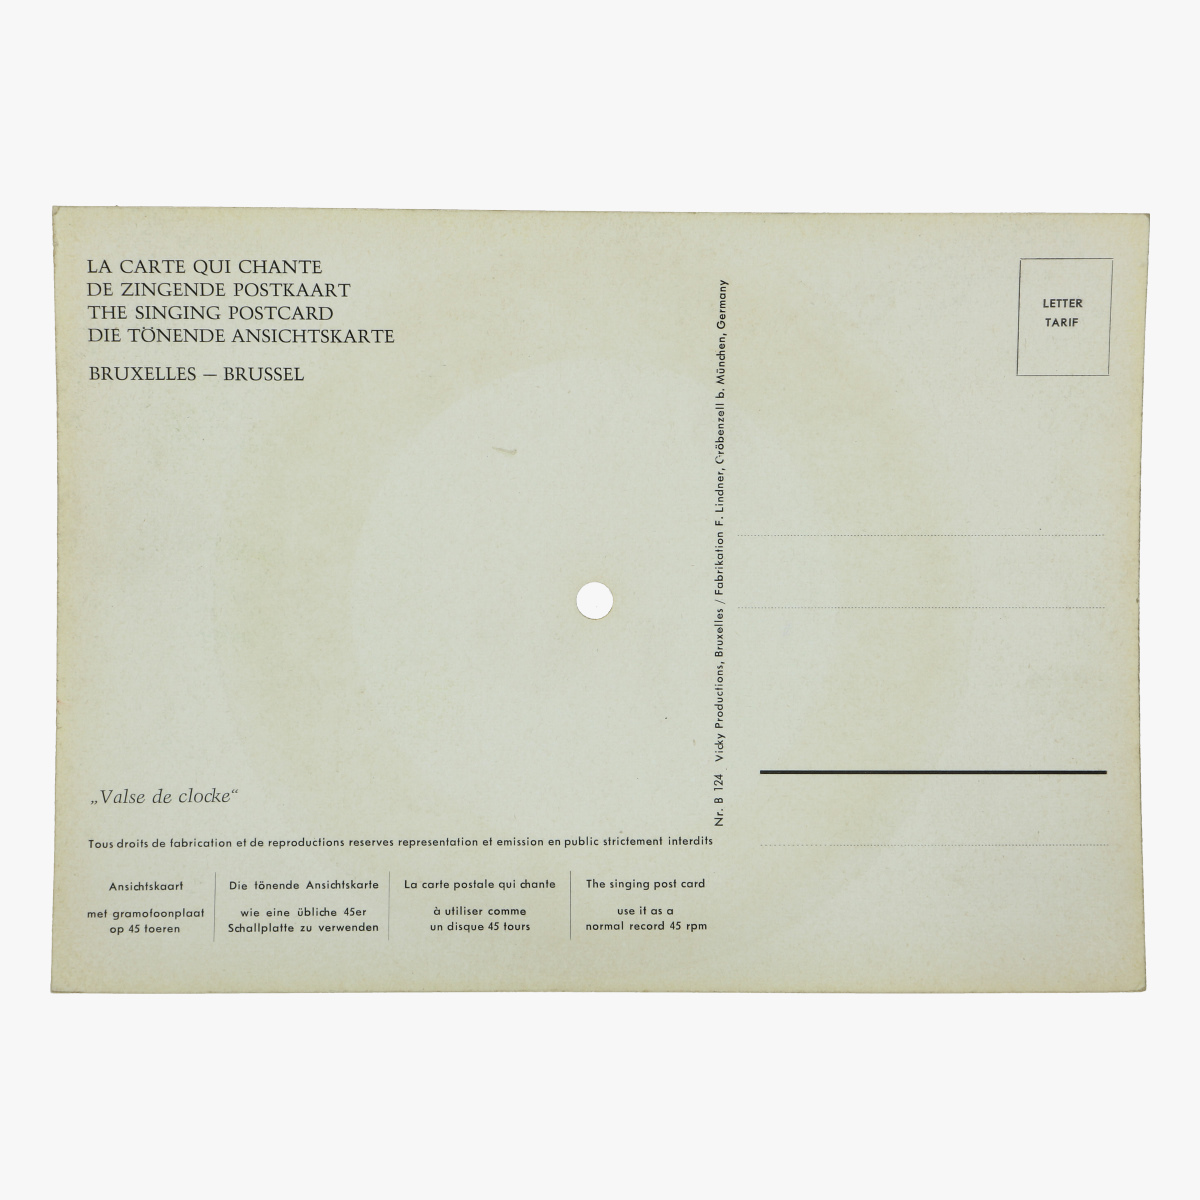 Afbeeldingen van de zingende postkaart brussel bruxelles single op 45 toeren